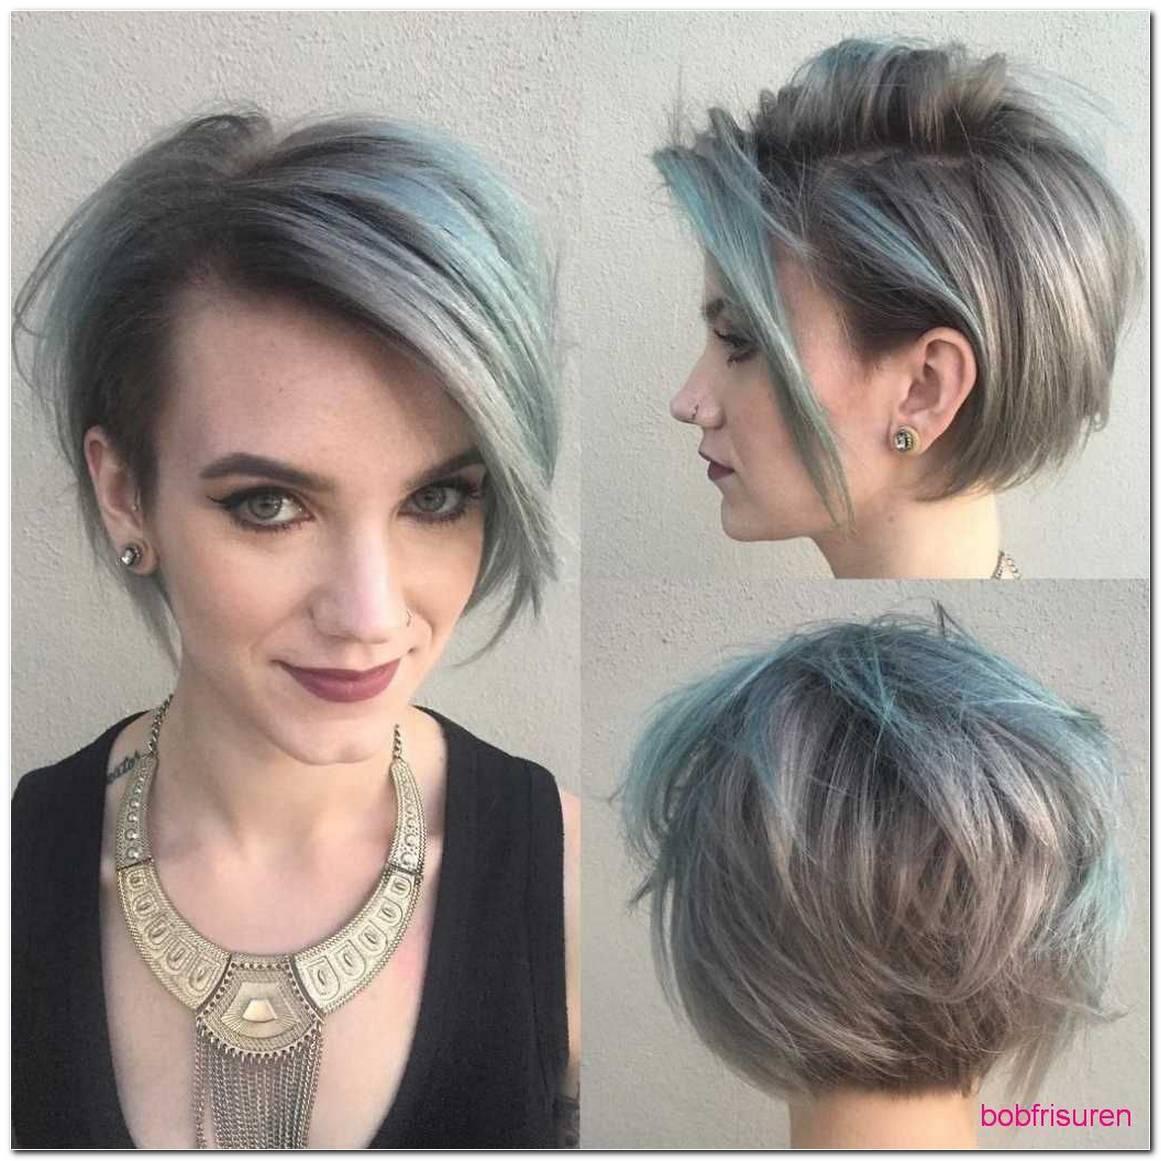 Damen Frisuren 2017 FüR Feines Haar